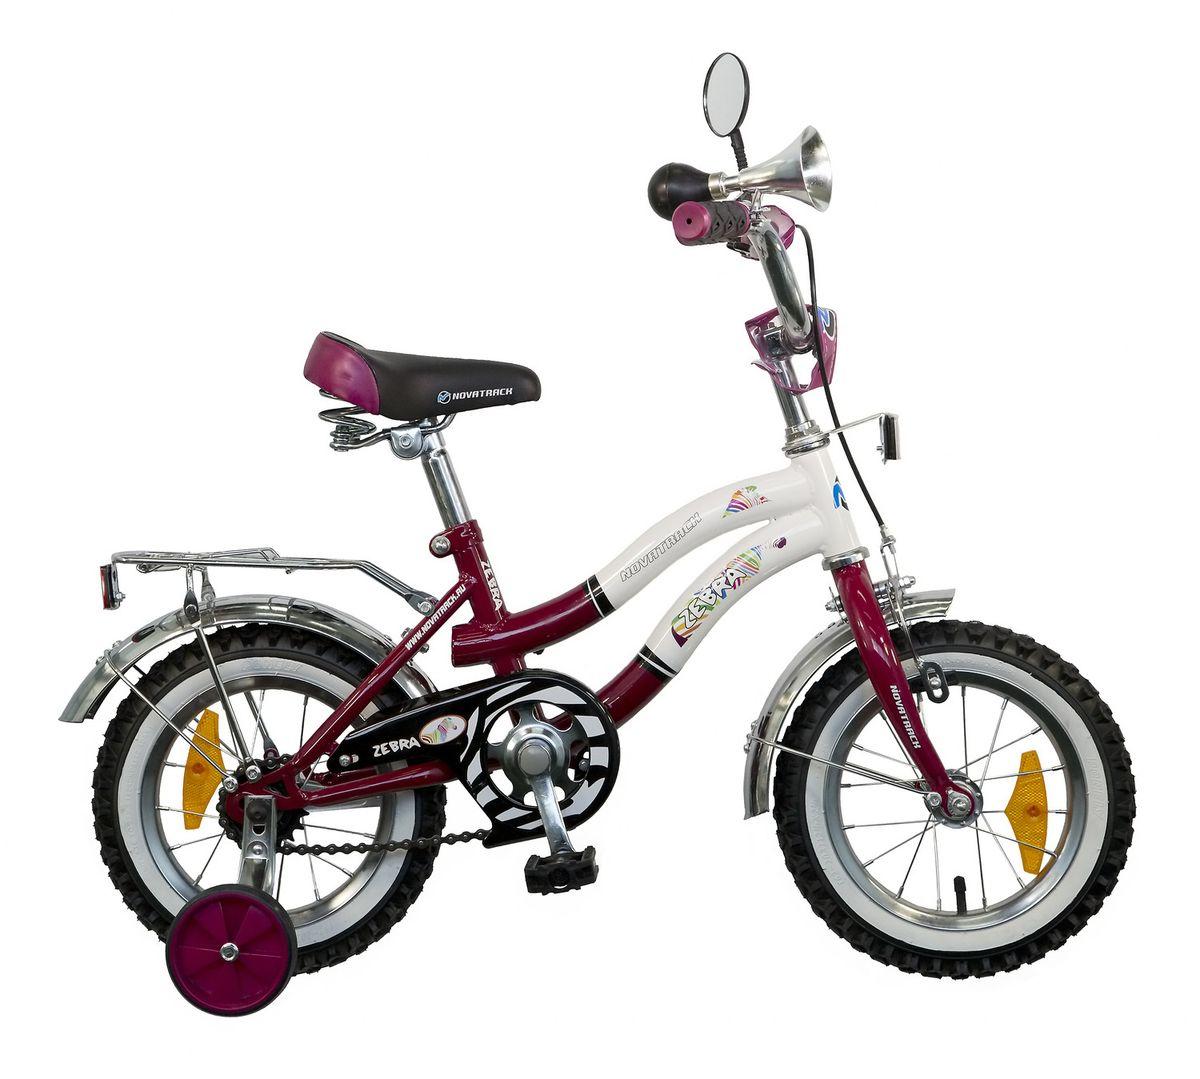 Велосипед детский Novatrack Zebra, цвет: бордовый, белый, 12125ZEBRA.CLR5Novatrack Zebra c 12-дюймовыми колесами – это надежный велосипед для ребят от 2 до 4 лет. Данная модель специально разработана для начинающих велосипедистов: дополнительные колеса, которые можно будет снять, когда ребенок научится держать равновесие, блестящий багажник для перевозки игрушек, надежные ручной и ножной тормоза, защита цепи от попадания одежды в механизм - все это сделает каждую поездку юного велосипедиста комфортной и безопасной. Дополнительно велосипед оснащен ограничителем поворота, который не позволяет ребенку поворачивать руль на очень большой градус, и тем самым предотвращает падение, делая процесс катания еще более безопасным. Маленькому велосипедисту, будь то мальчик или девочка, обязательно понравятся блестящий звонкий гудок и зеркальце заднего вида, которые установлены на руле велосипеда. Высота сидения и руля регулируются, поэтому велосипед прослужит малышу не один год.